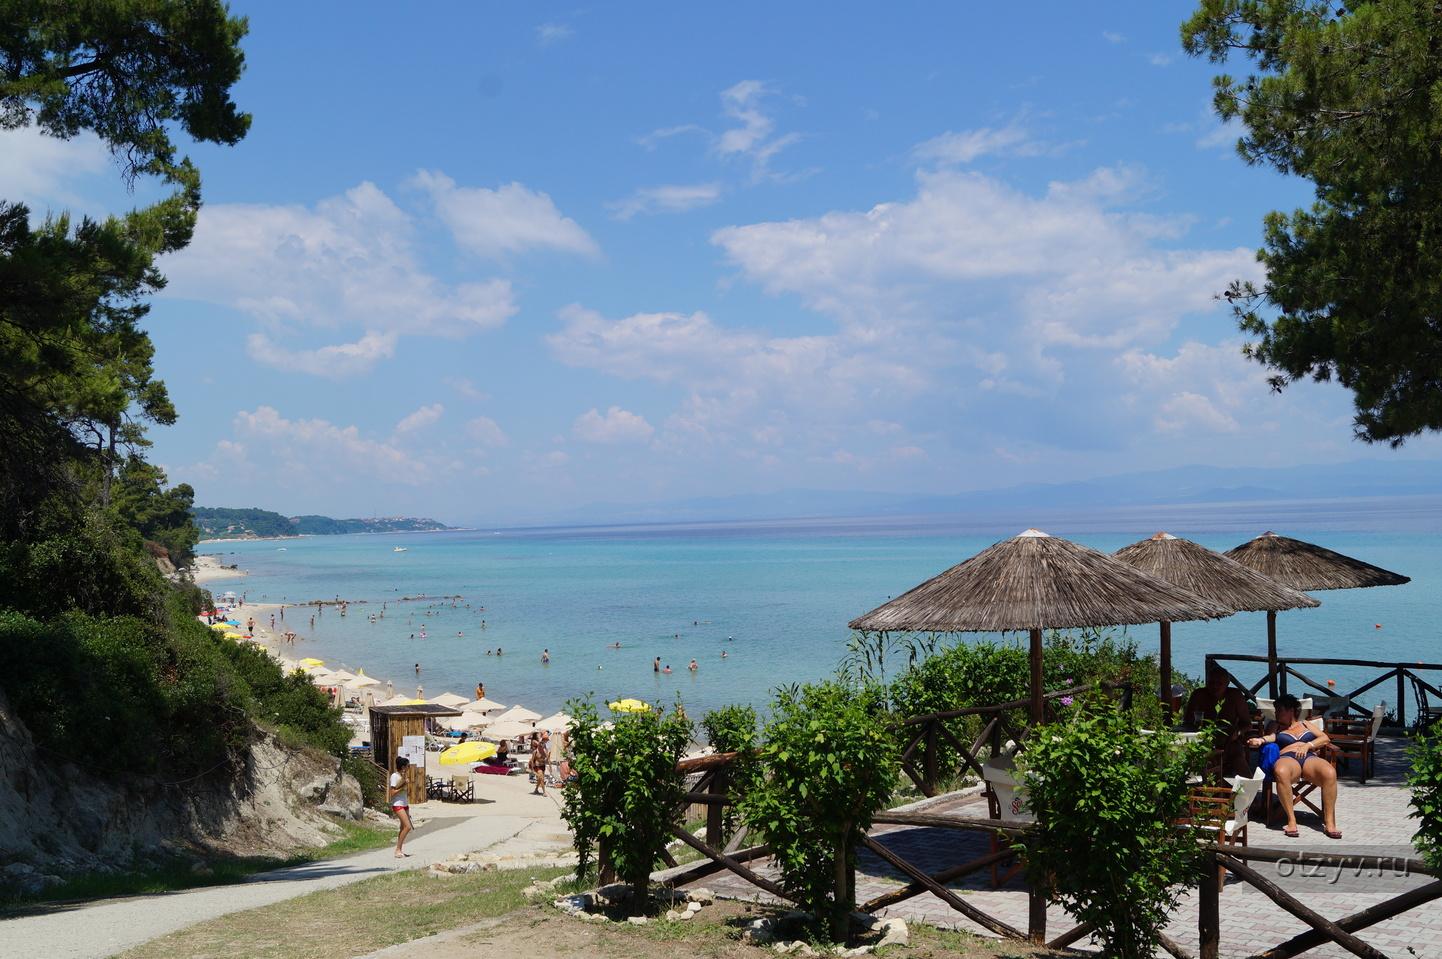 халкидики греция отзывы туристов о пляжах фото его полках можно